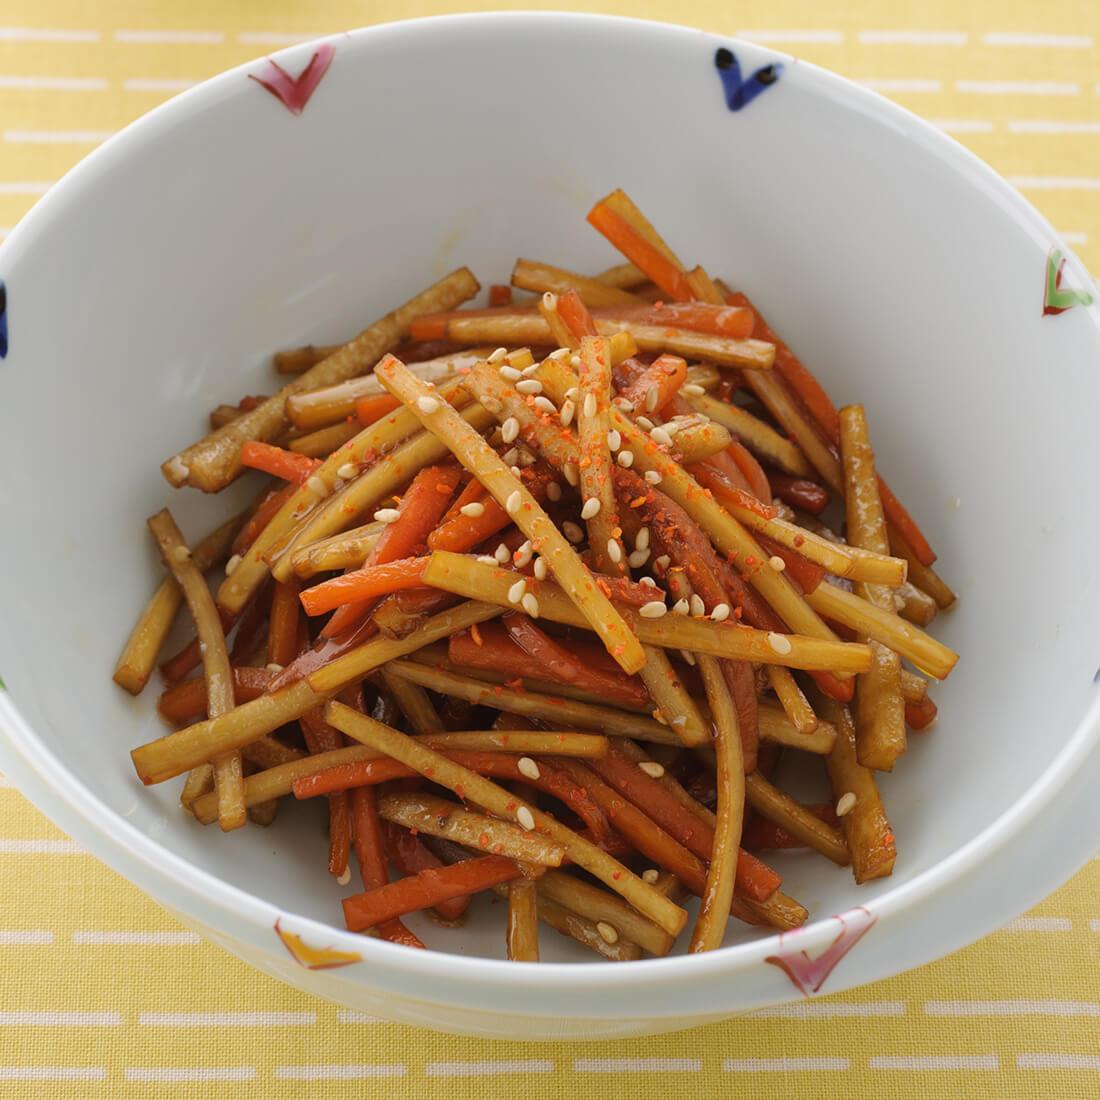 Kimpira<br />(soy flavored burdock)